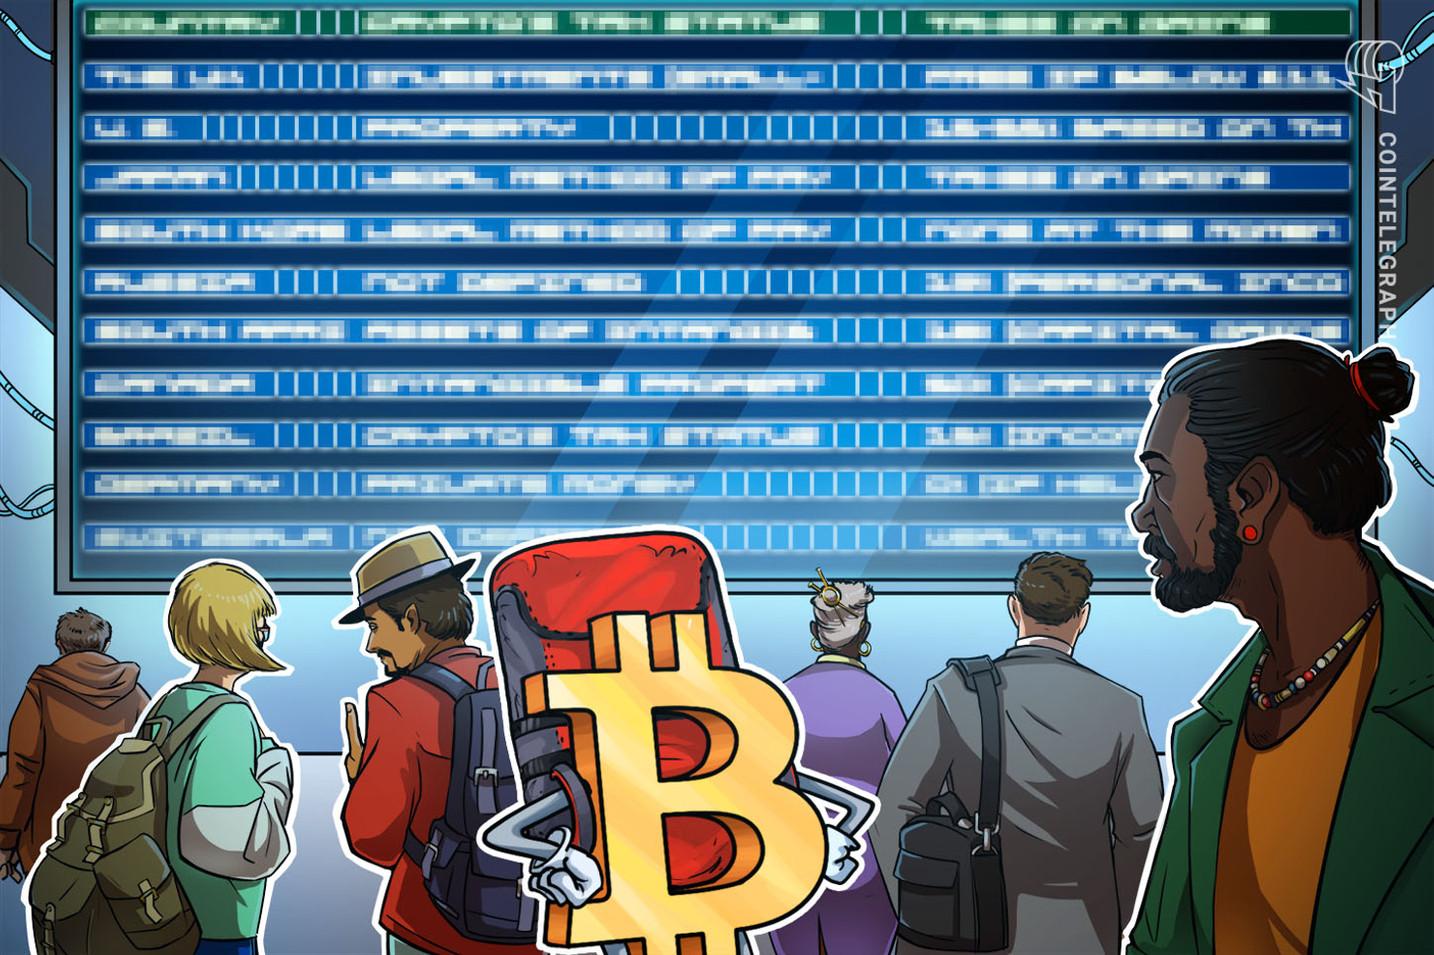 """仮想通貨ビットコイン暴落背景に""""新人""""説、新データもサポート"""